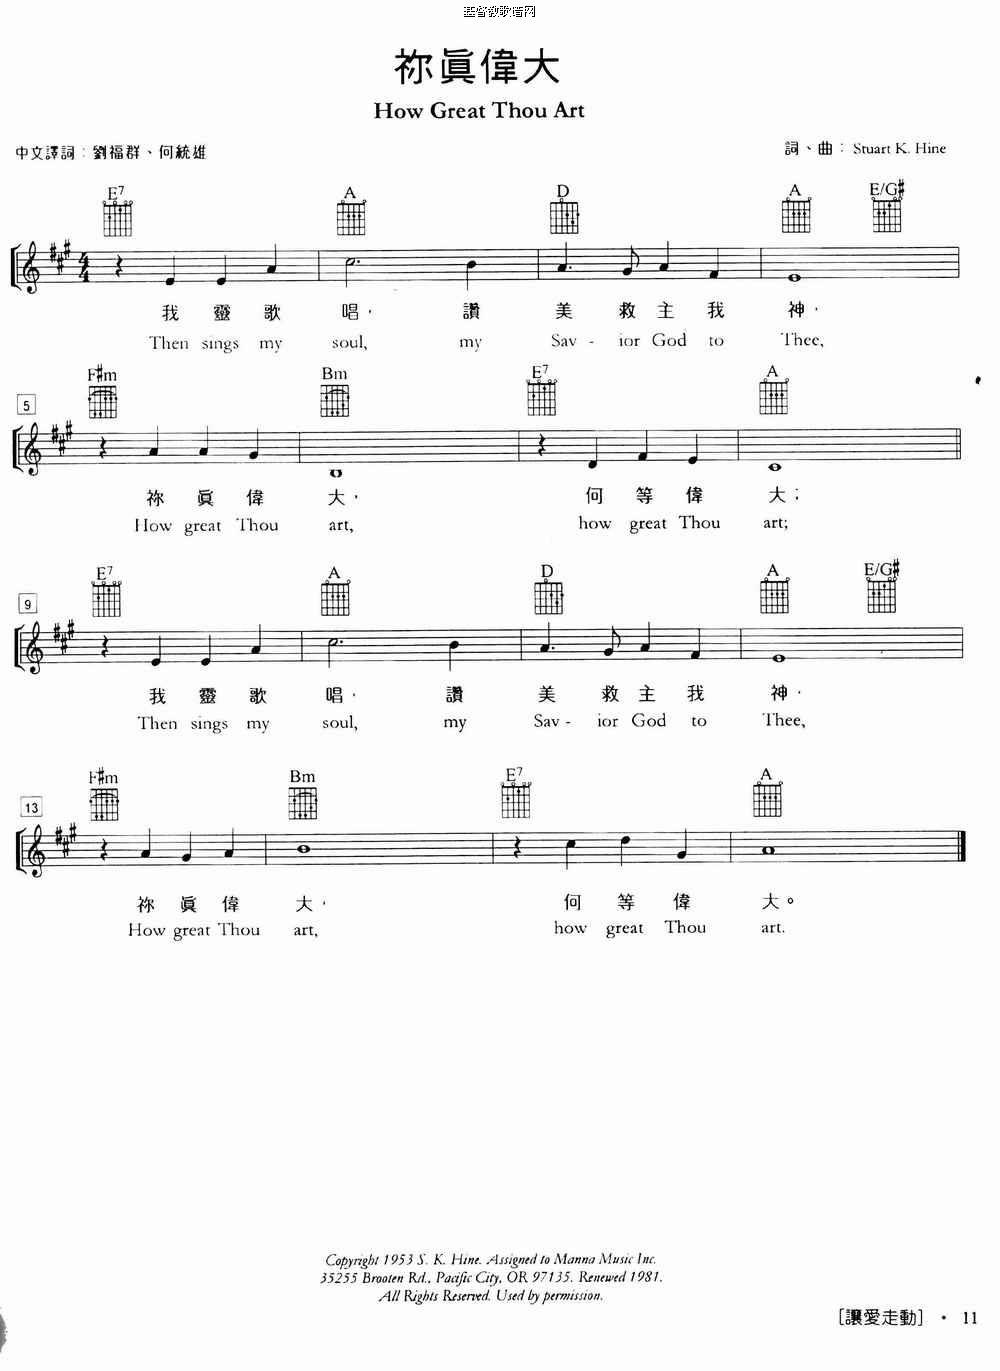 祢真伟大单曲五线谱版基督教简谱网歌谱网